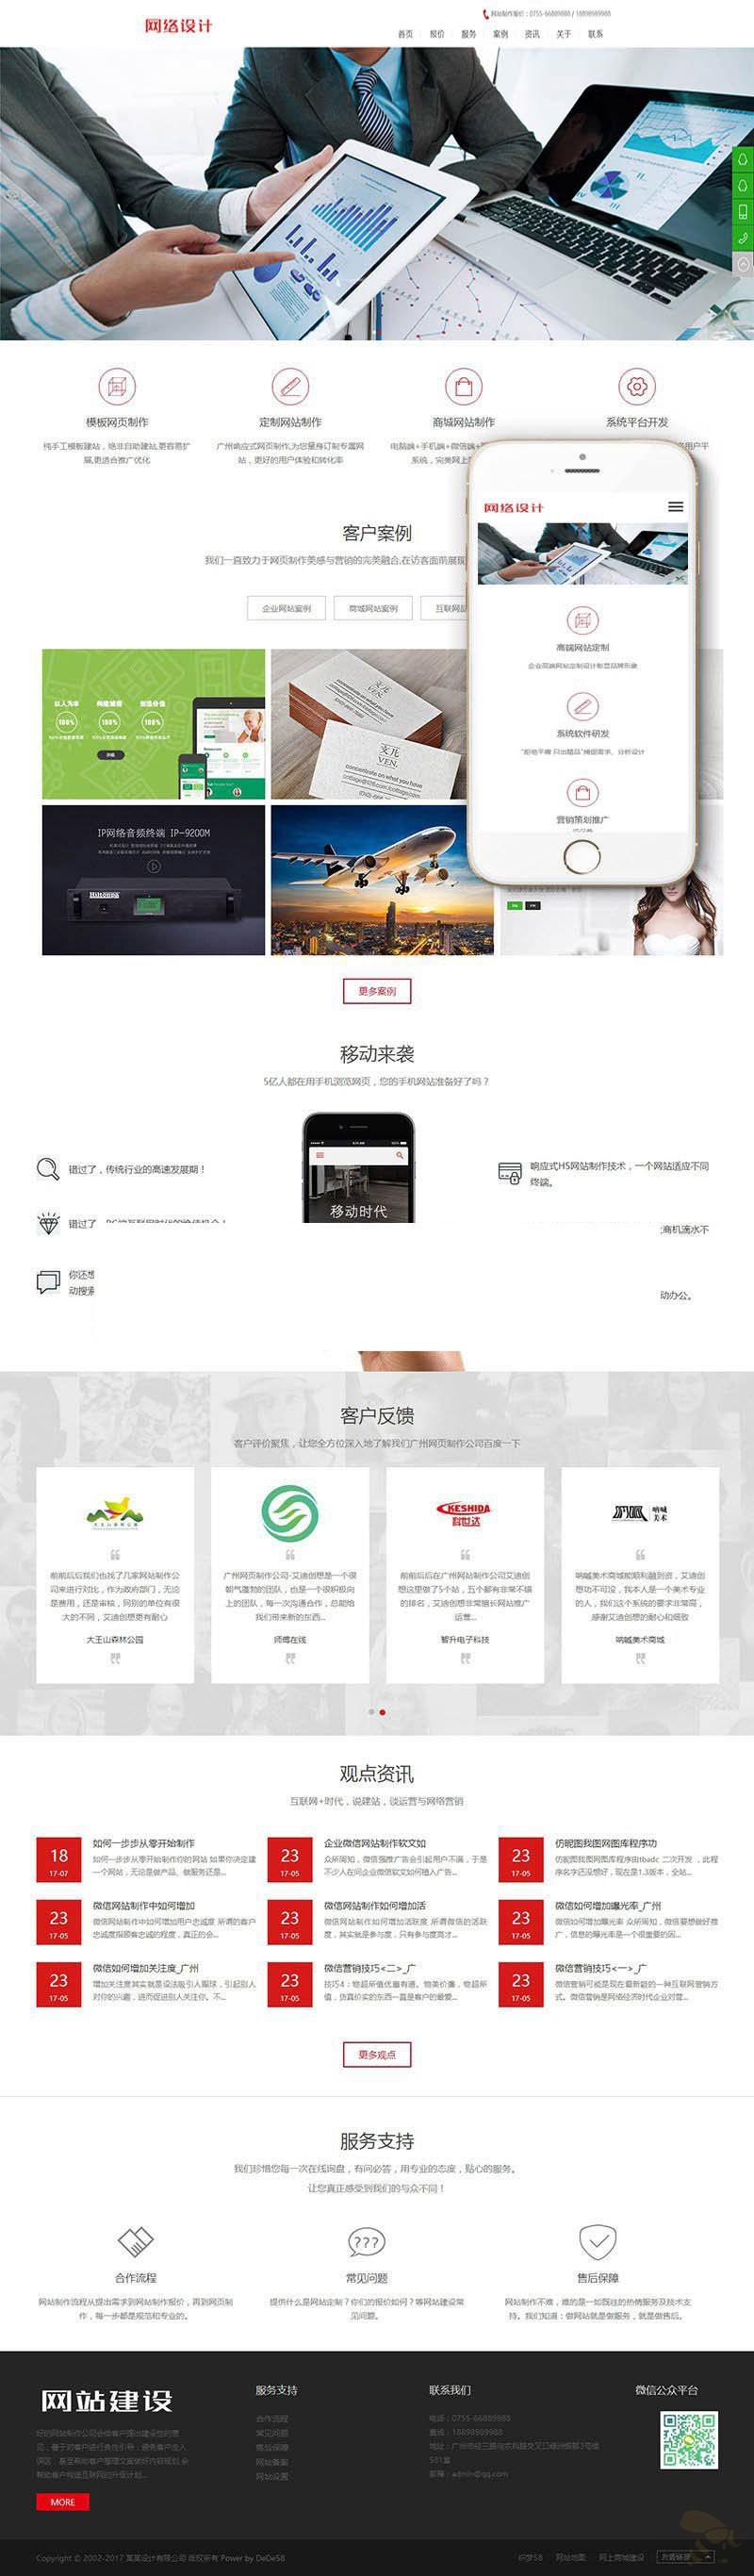 html5响应式网站建设网络设计公司织梦模板(自适应手机端)